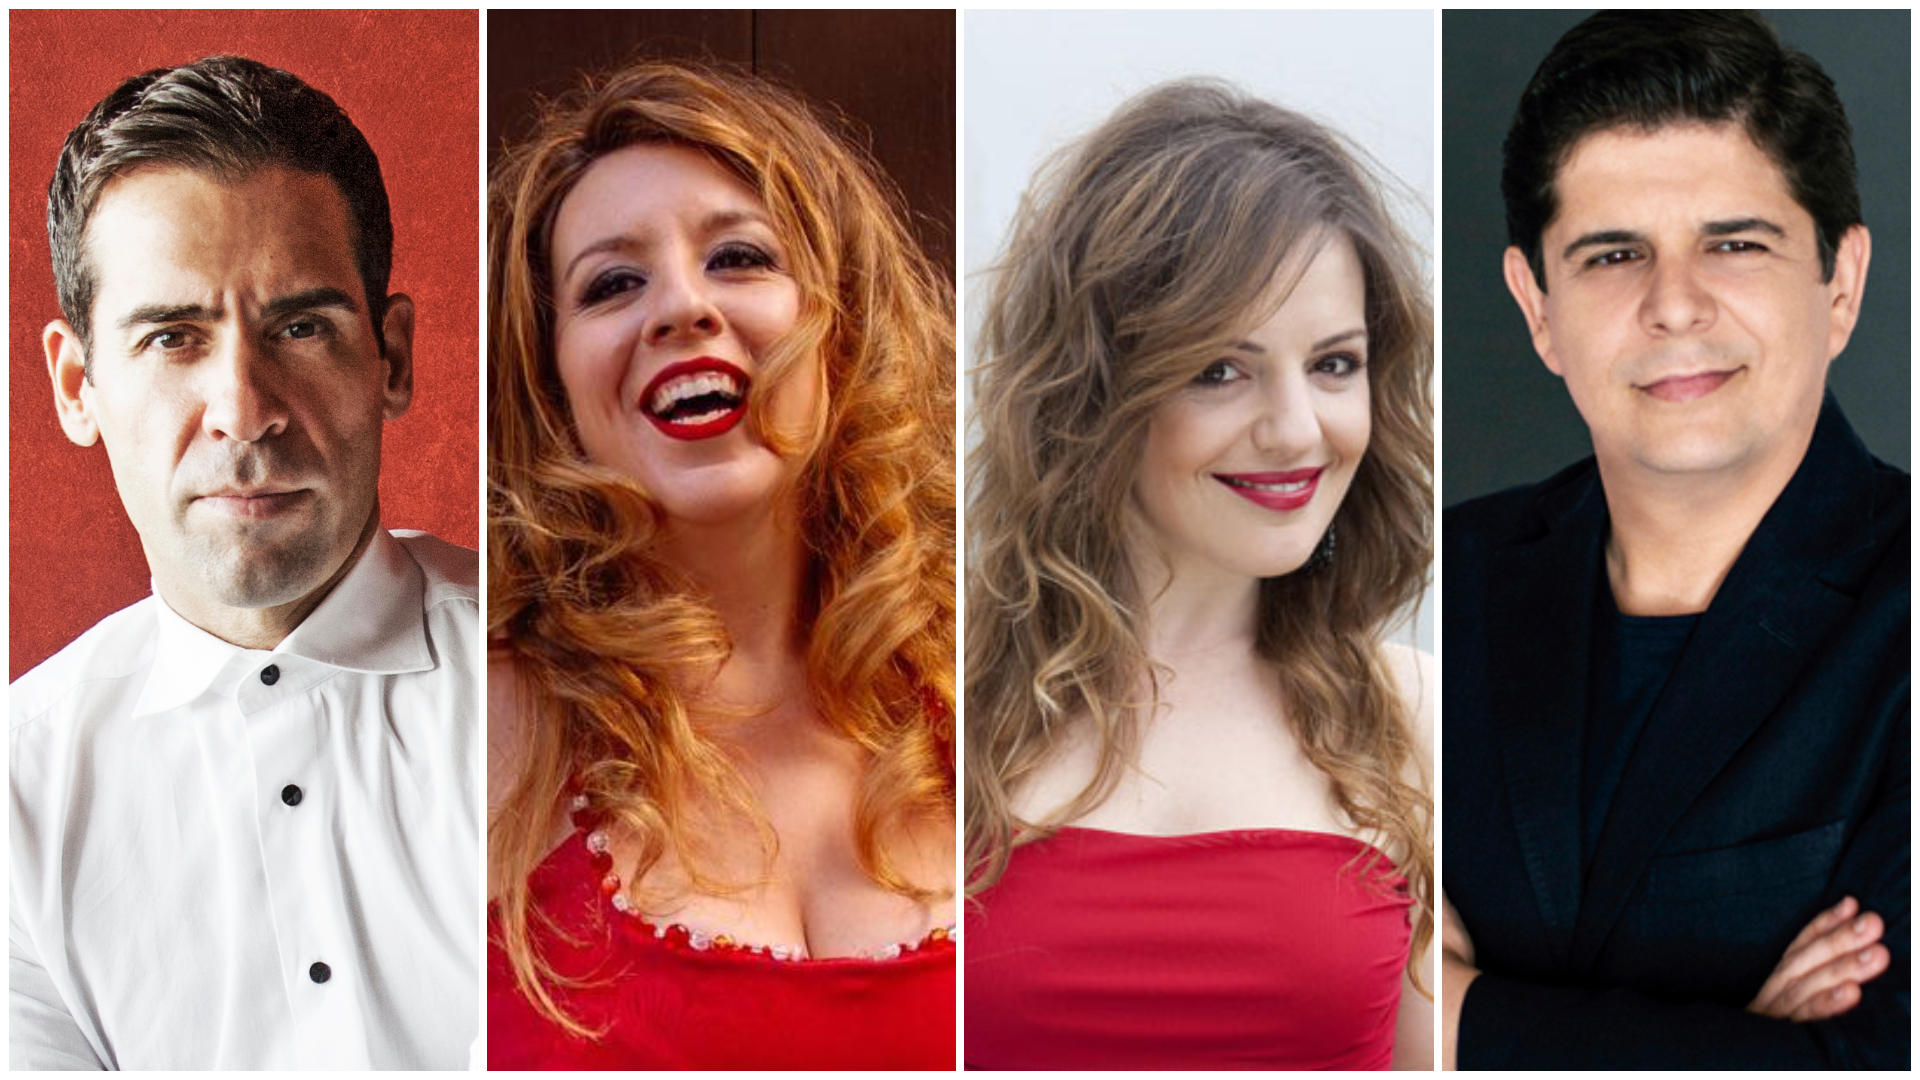 El Teatro Villamarta pondrá en escena 3 óperas y reubica el concierto de Ismael Jordi